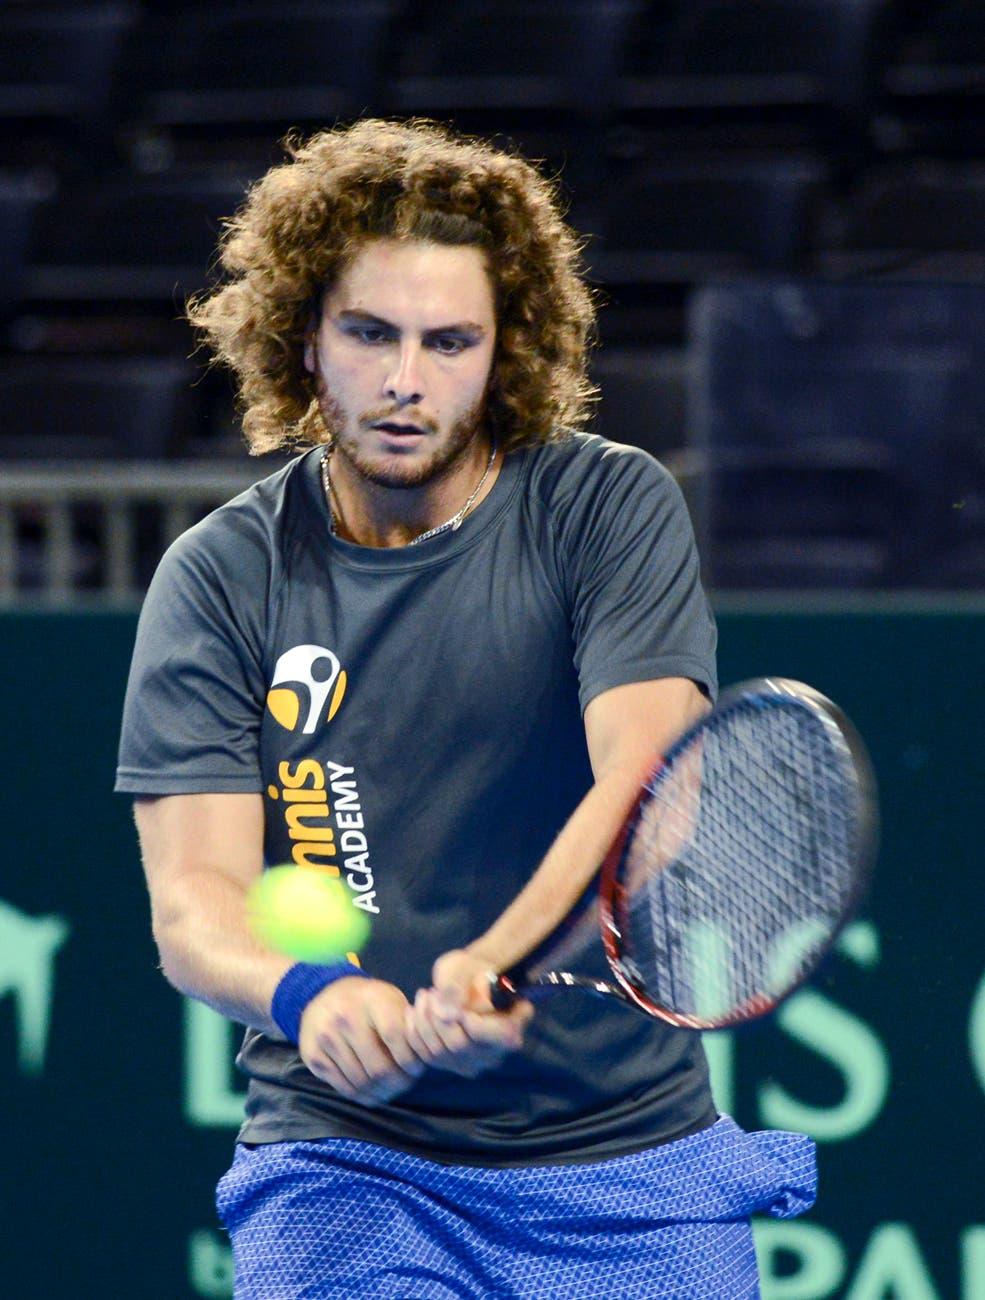 """Trungelliti: sparring del campeón de la Davis, """"Jesús con permanente"""" y el viaje en auto de 10 horas a Roland Garros"""